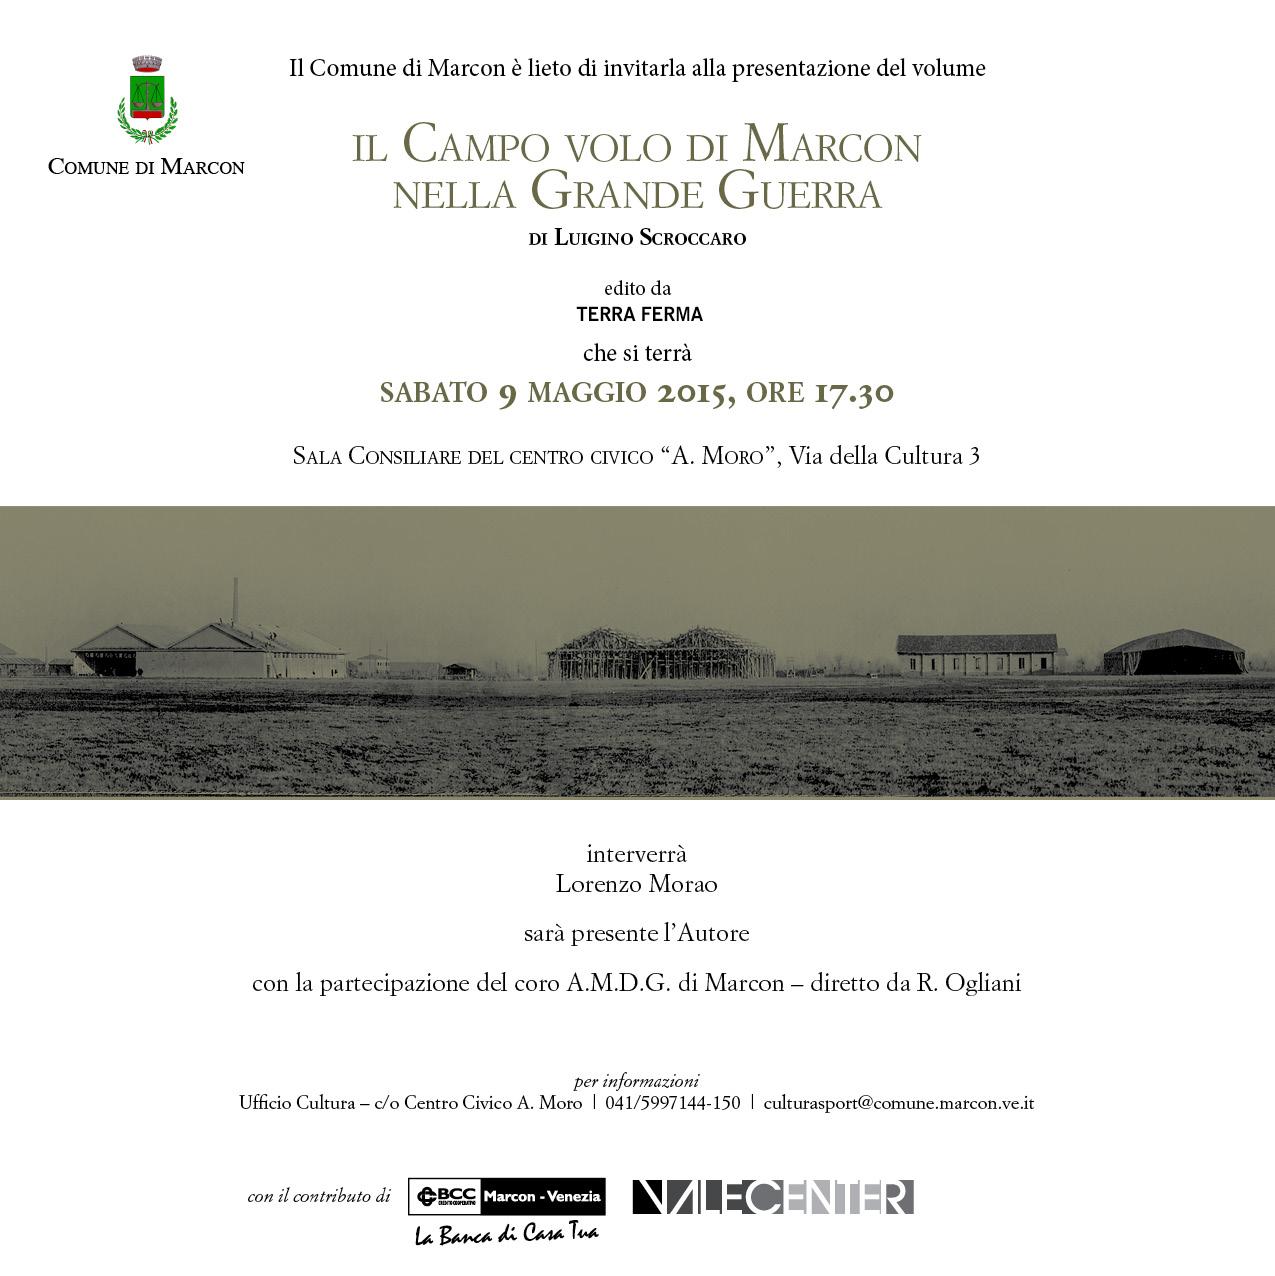 Invito_Marcon_WEB